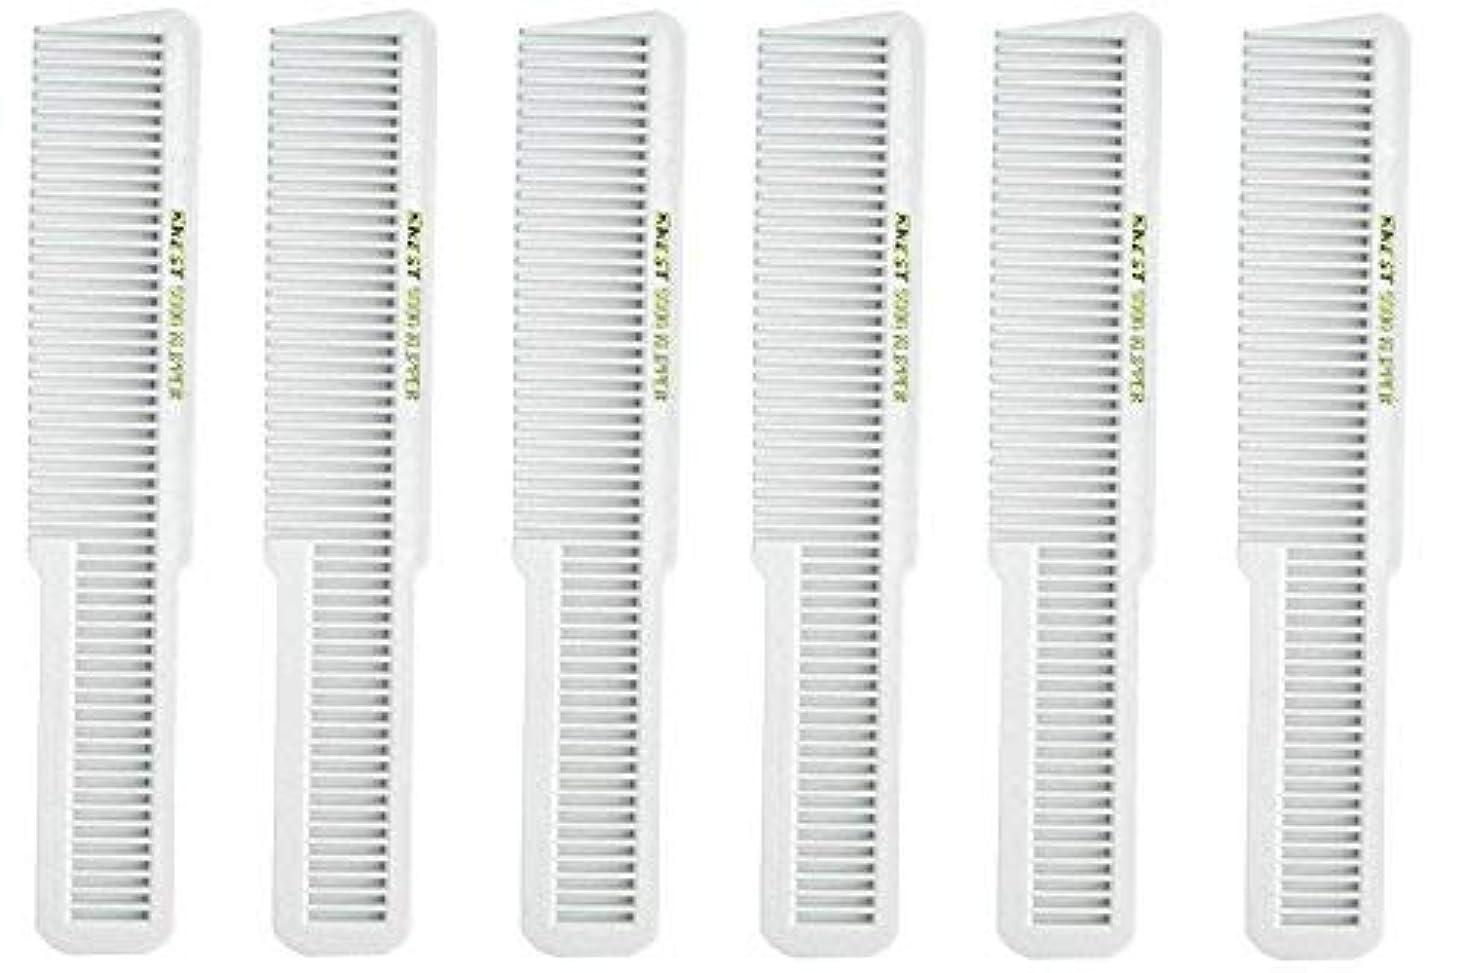 パズル立法未就学Barber Beauty Hair Krest 9000 Clipper Cutting Comb (6 Pack) 6 x SB-K9000-WHITE [並行輸入品]